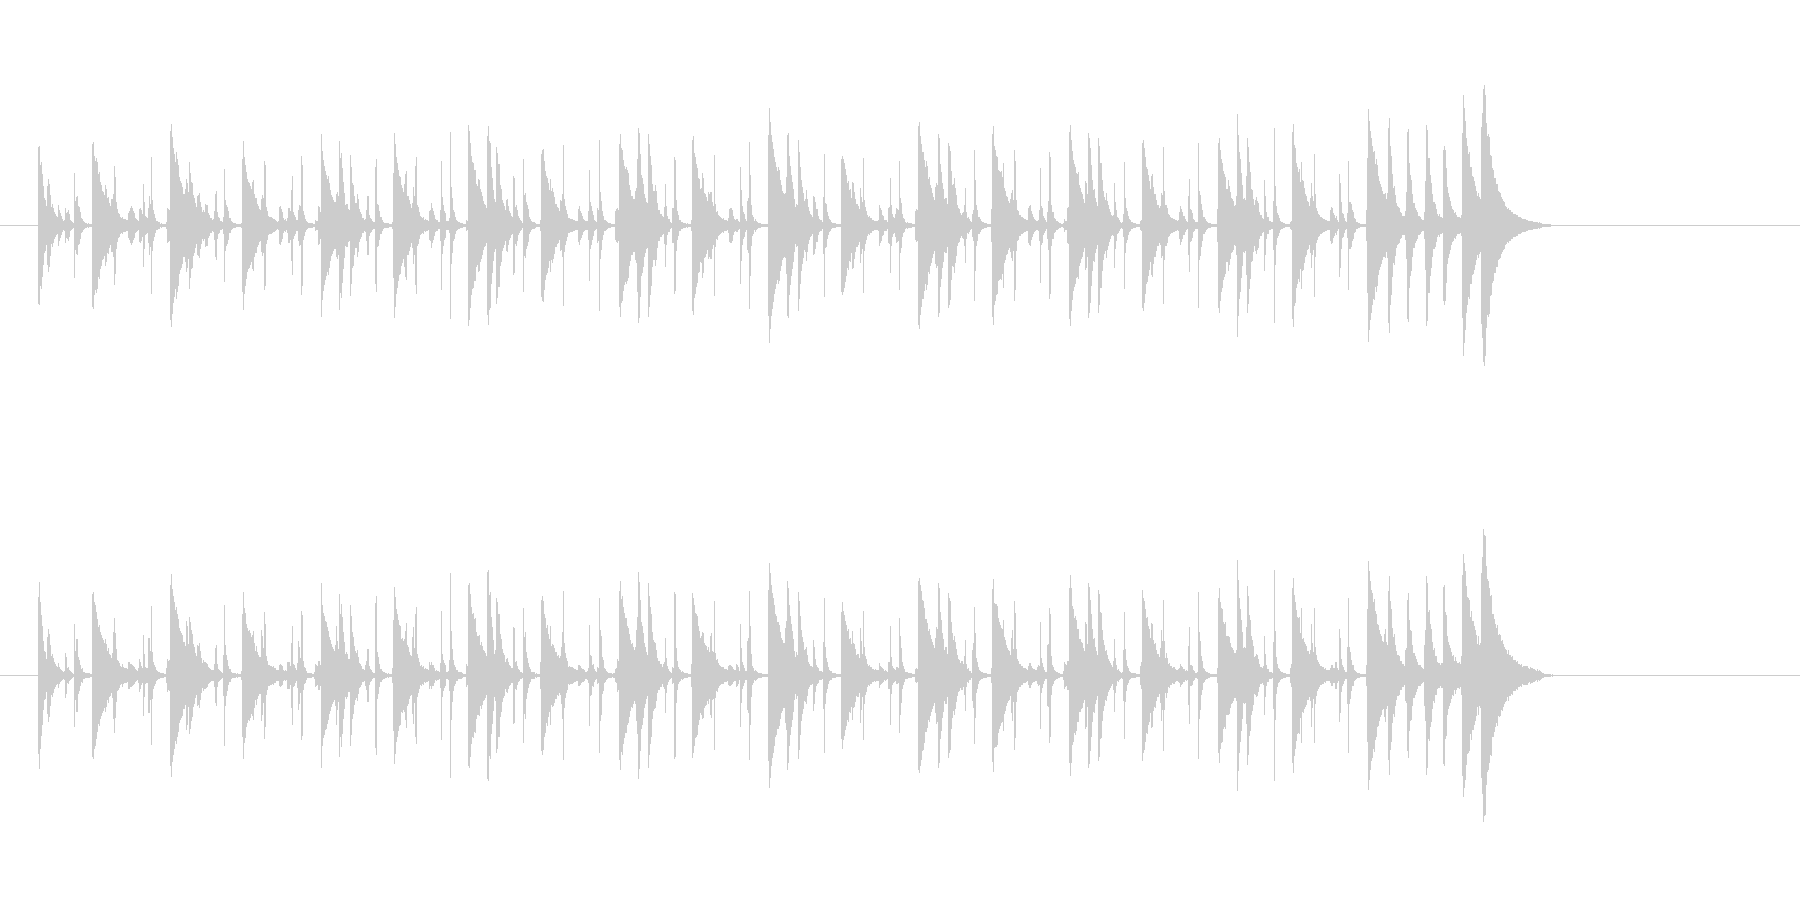 ラテン 軽快なリズム、メレンゲのグルーヴの未再生の波形